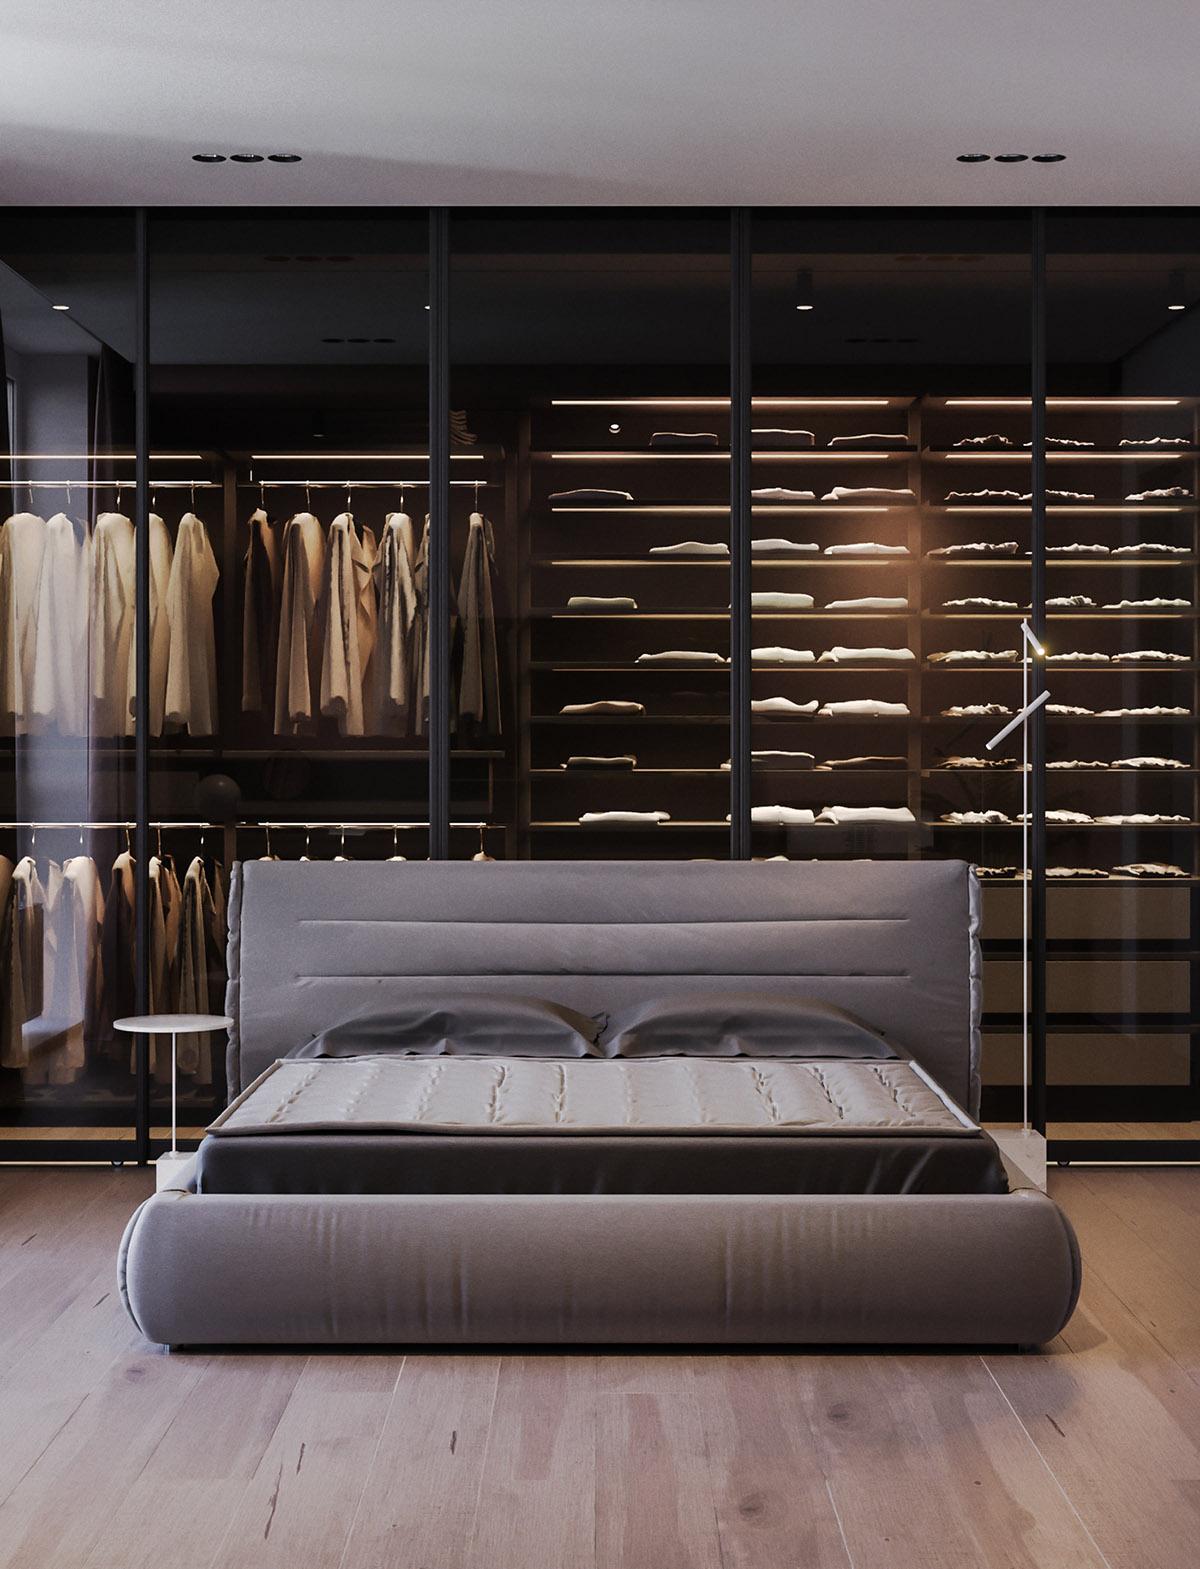 Một số thiết kế nội thất sử dụng màu hồng và xám - bedroom with attached wardrobe